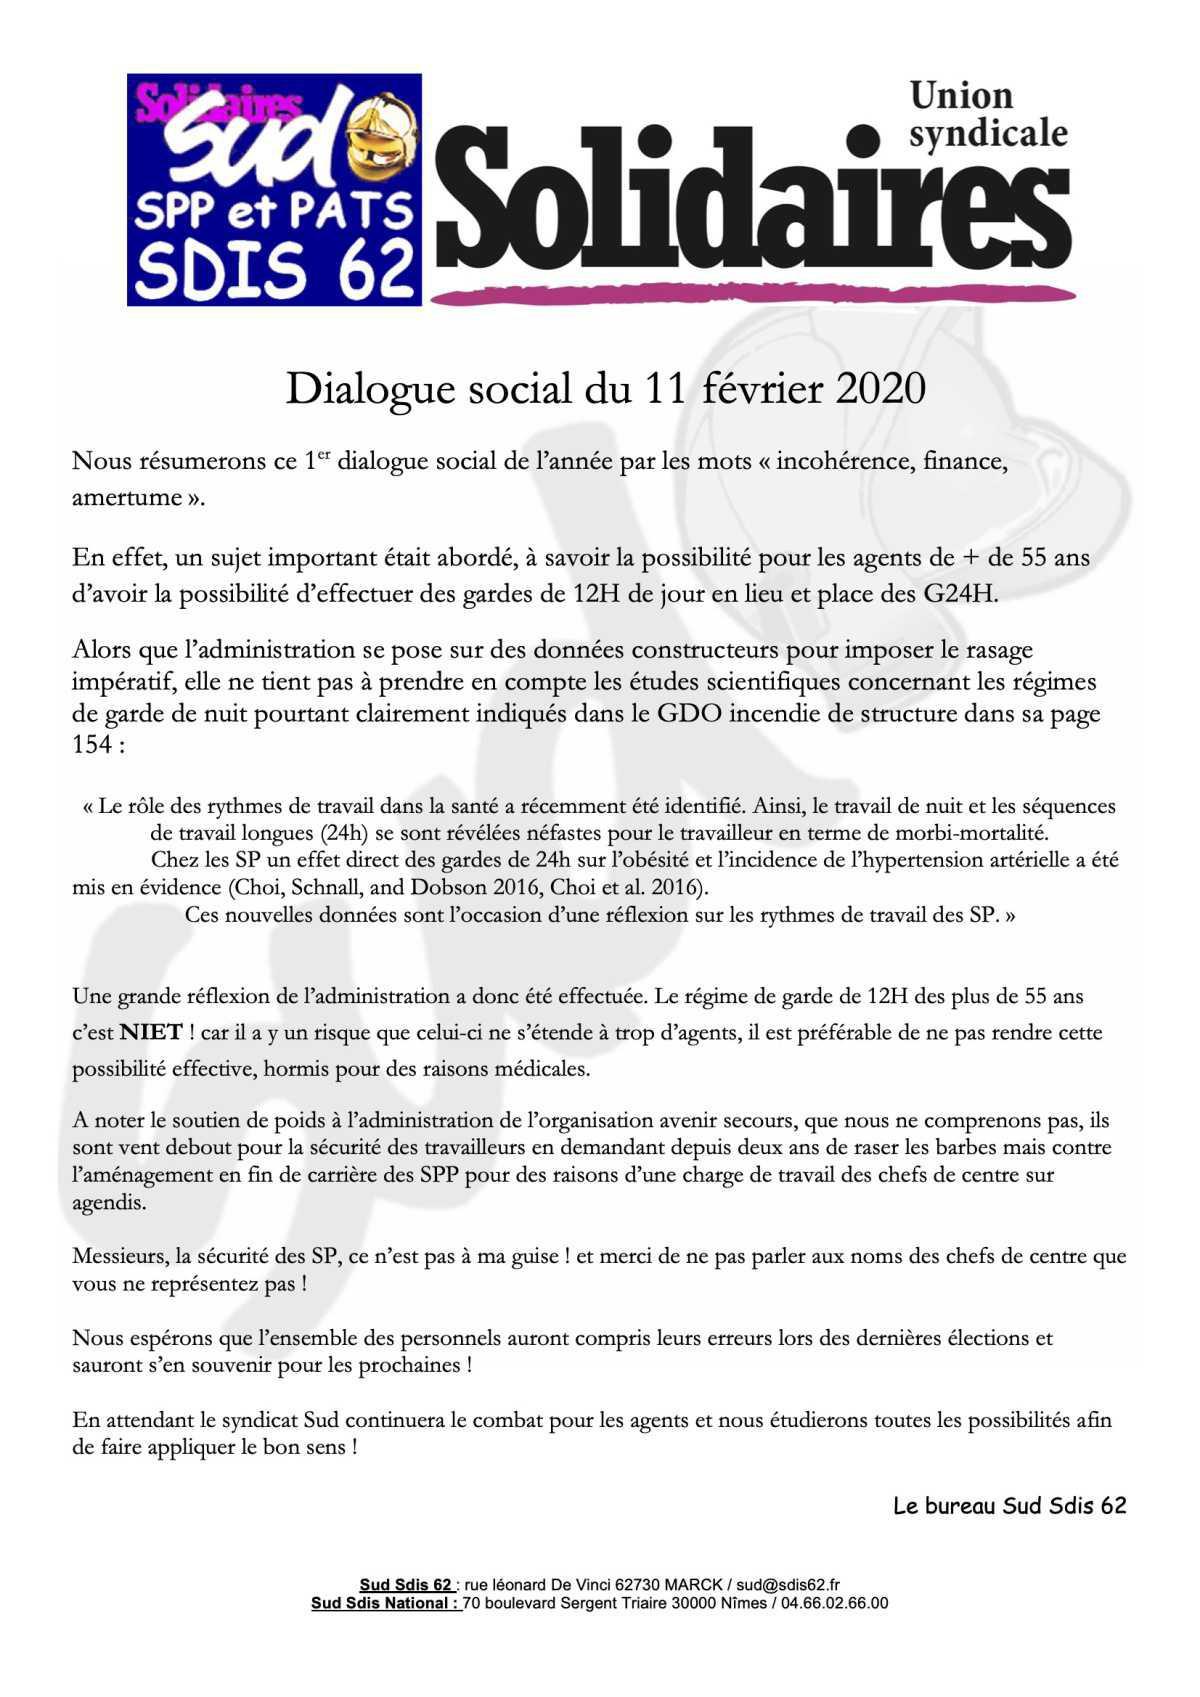 Dialogue social du 11 février 2020